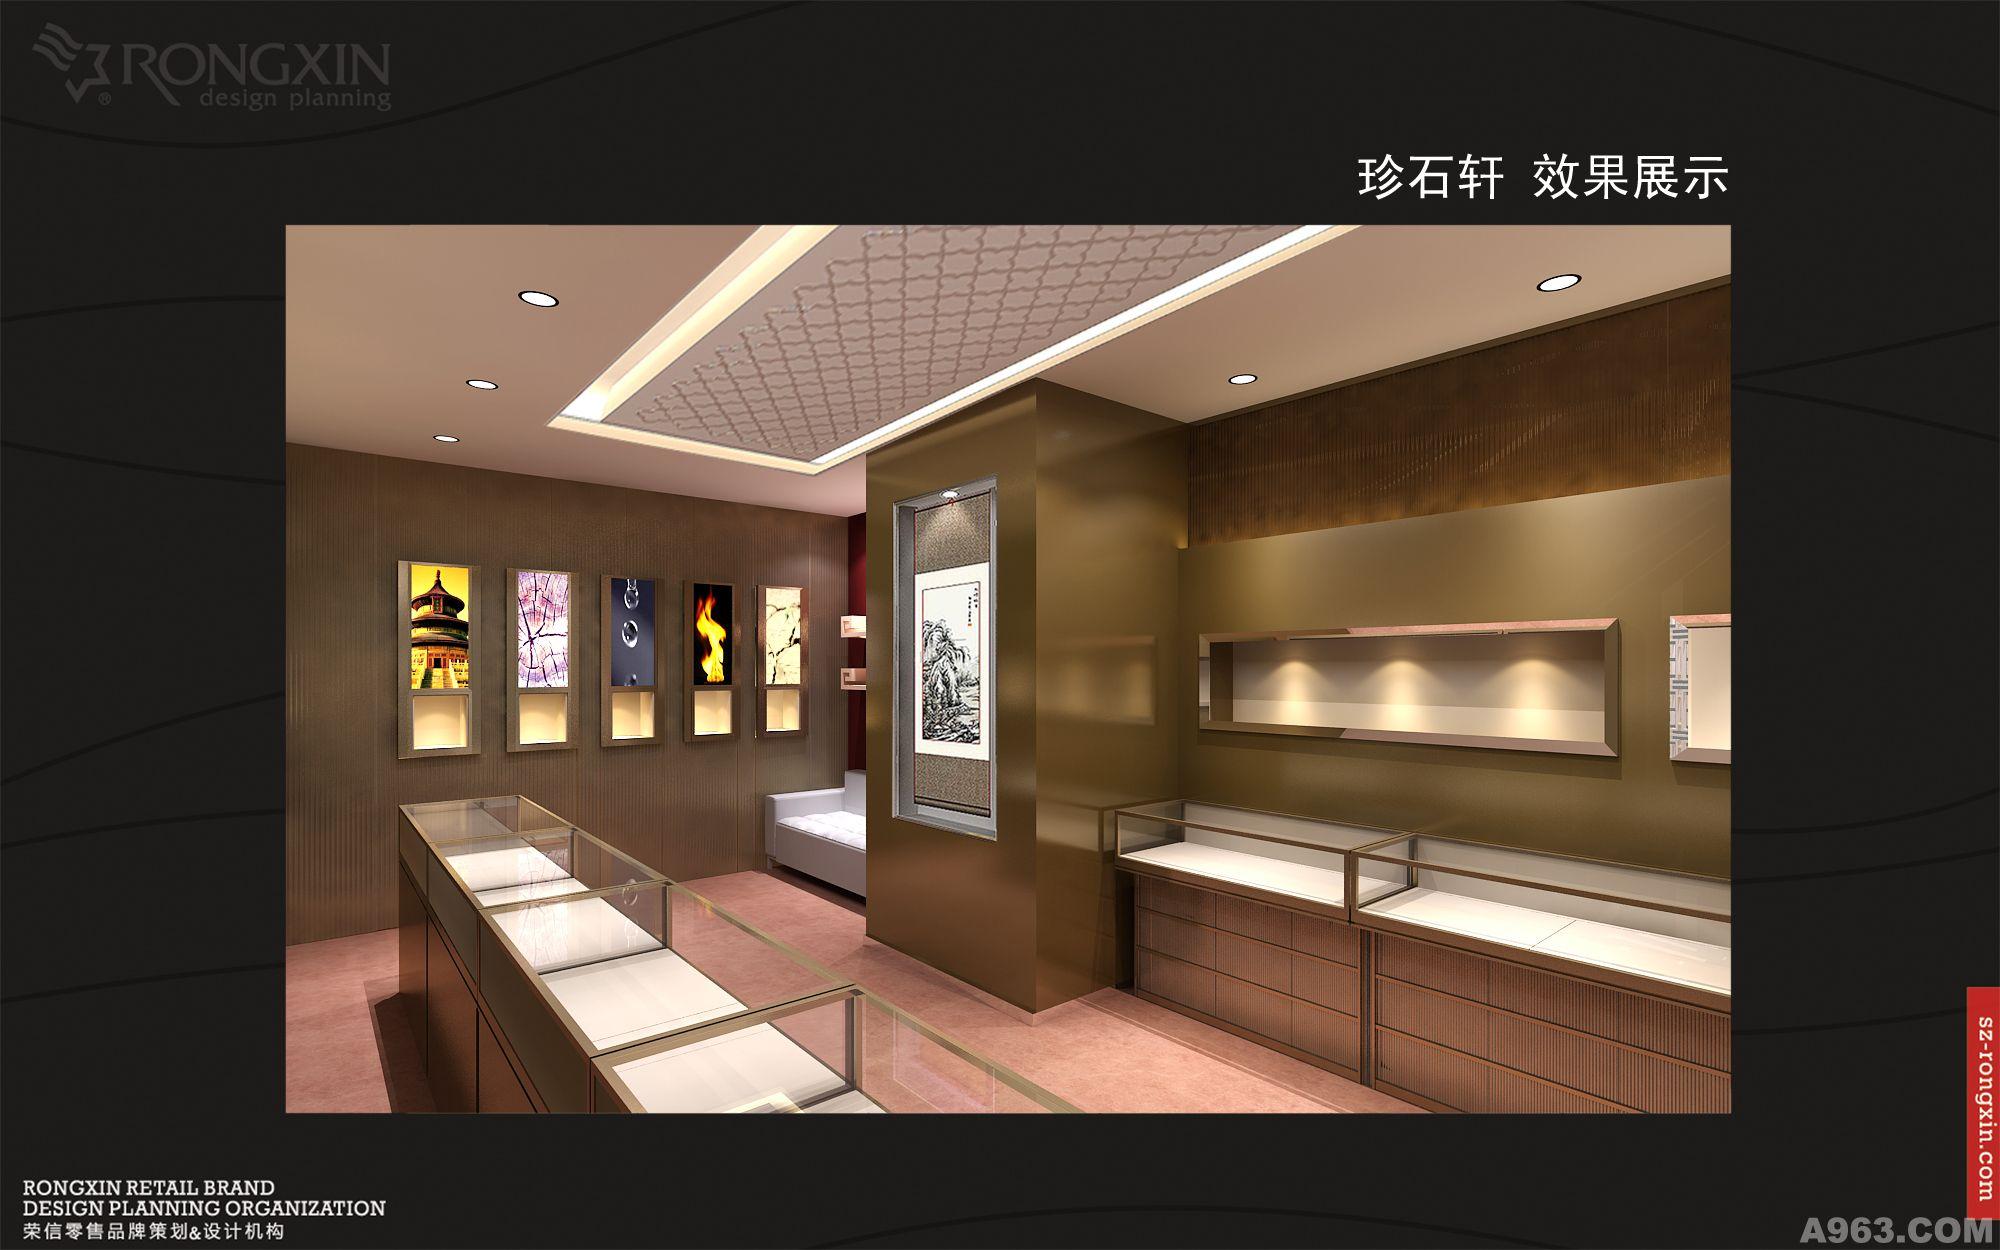 珍石轩珠宝店展示效果图 - 商业空间 - 深圳室内设计